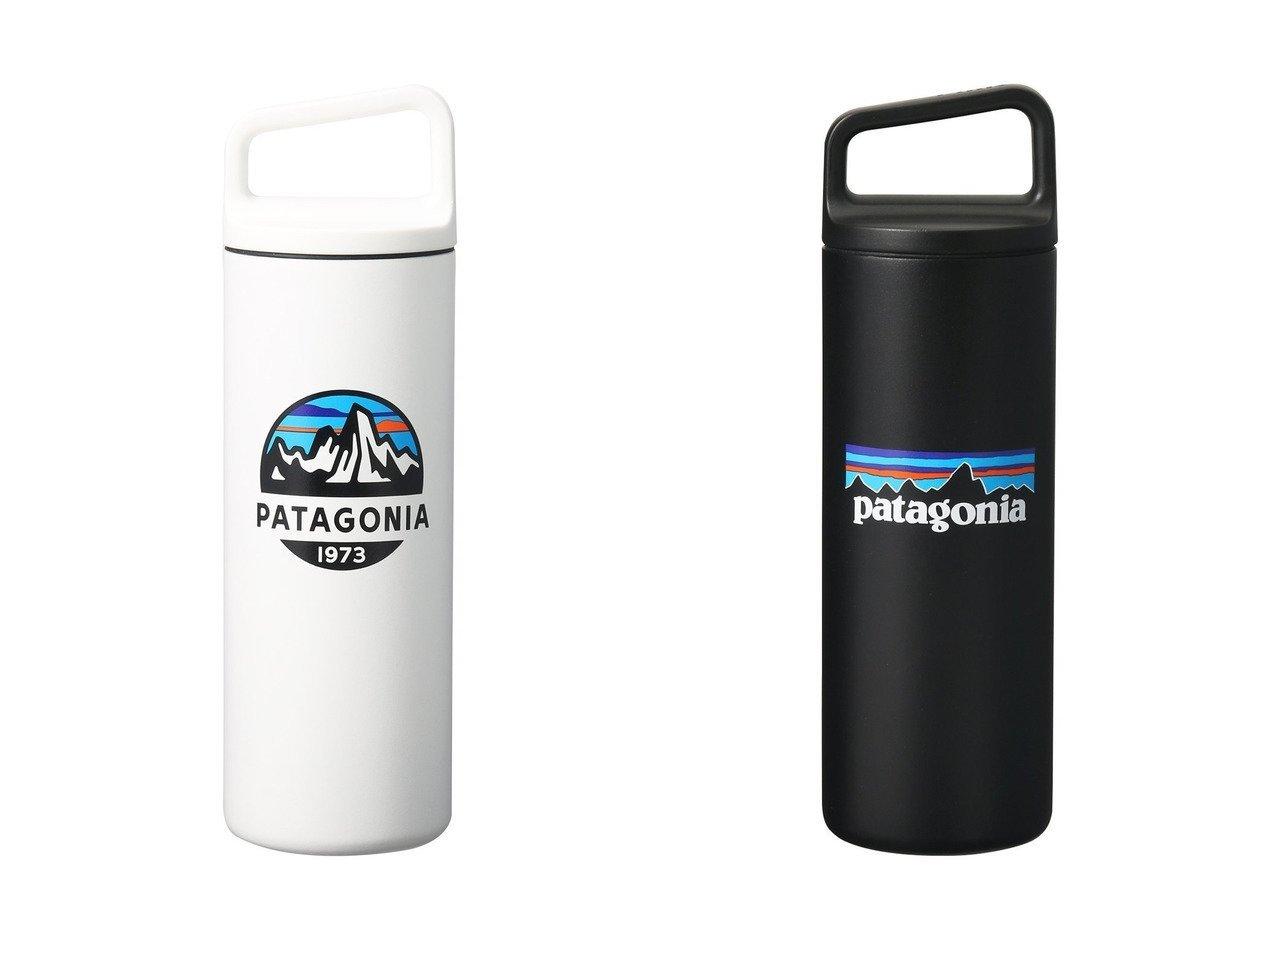 【Patagonia/パタゴニア】のミアー・16オンス・ワイドマウスボトル・フィツロイスコープ(473ミリリットル 真空断熱構造)&ミアー・16オンス・ワイドマウスボトル・P6(473ミリリットル 真空断熱構造) おすすめ!人気、トレンド・レディースファッションの通販 おすすめで人気の流行・トレンド、ファッションの通販商品 メンズファッション・キッズファッション・インテリア・家具・レディースファッション・服の通販 founy(ファニー) https://founy.com/ ファッション Fashion レディースファッション WOMEN 帽子 Hats ソックス Socks スポーツウェア Sportswear スポーツ バッグ/ポーチ Bag 2021年 2021 2021春夏・S/S SS/Spring/Summer/2021 S/S・春夏 SS・Spring/Summer UNISEX おすすめ Recommend アウトドア シンプル スポーツ ソックス ダブル ヨガ ワイド 帽子 春 Spring |ID:crp329100000027183